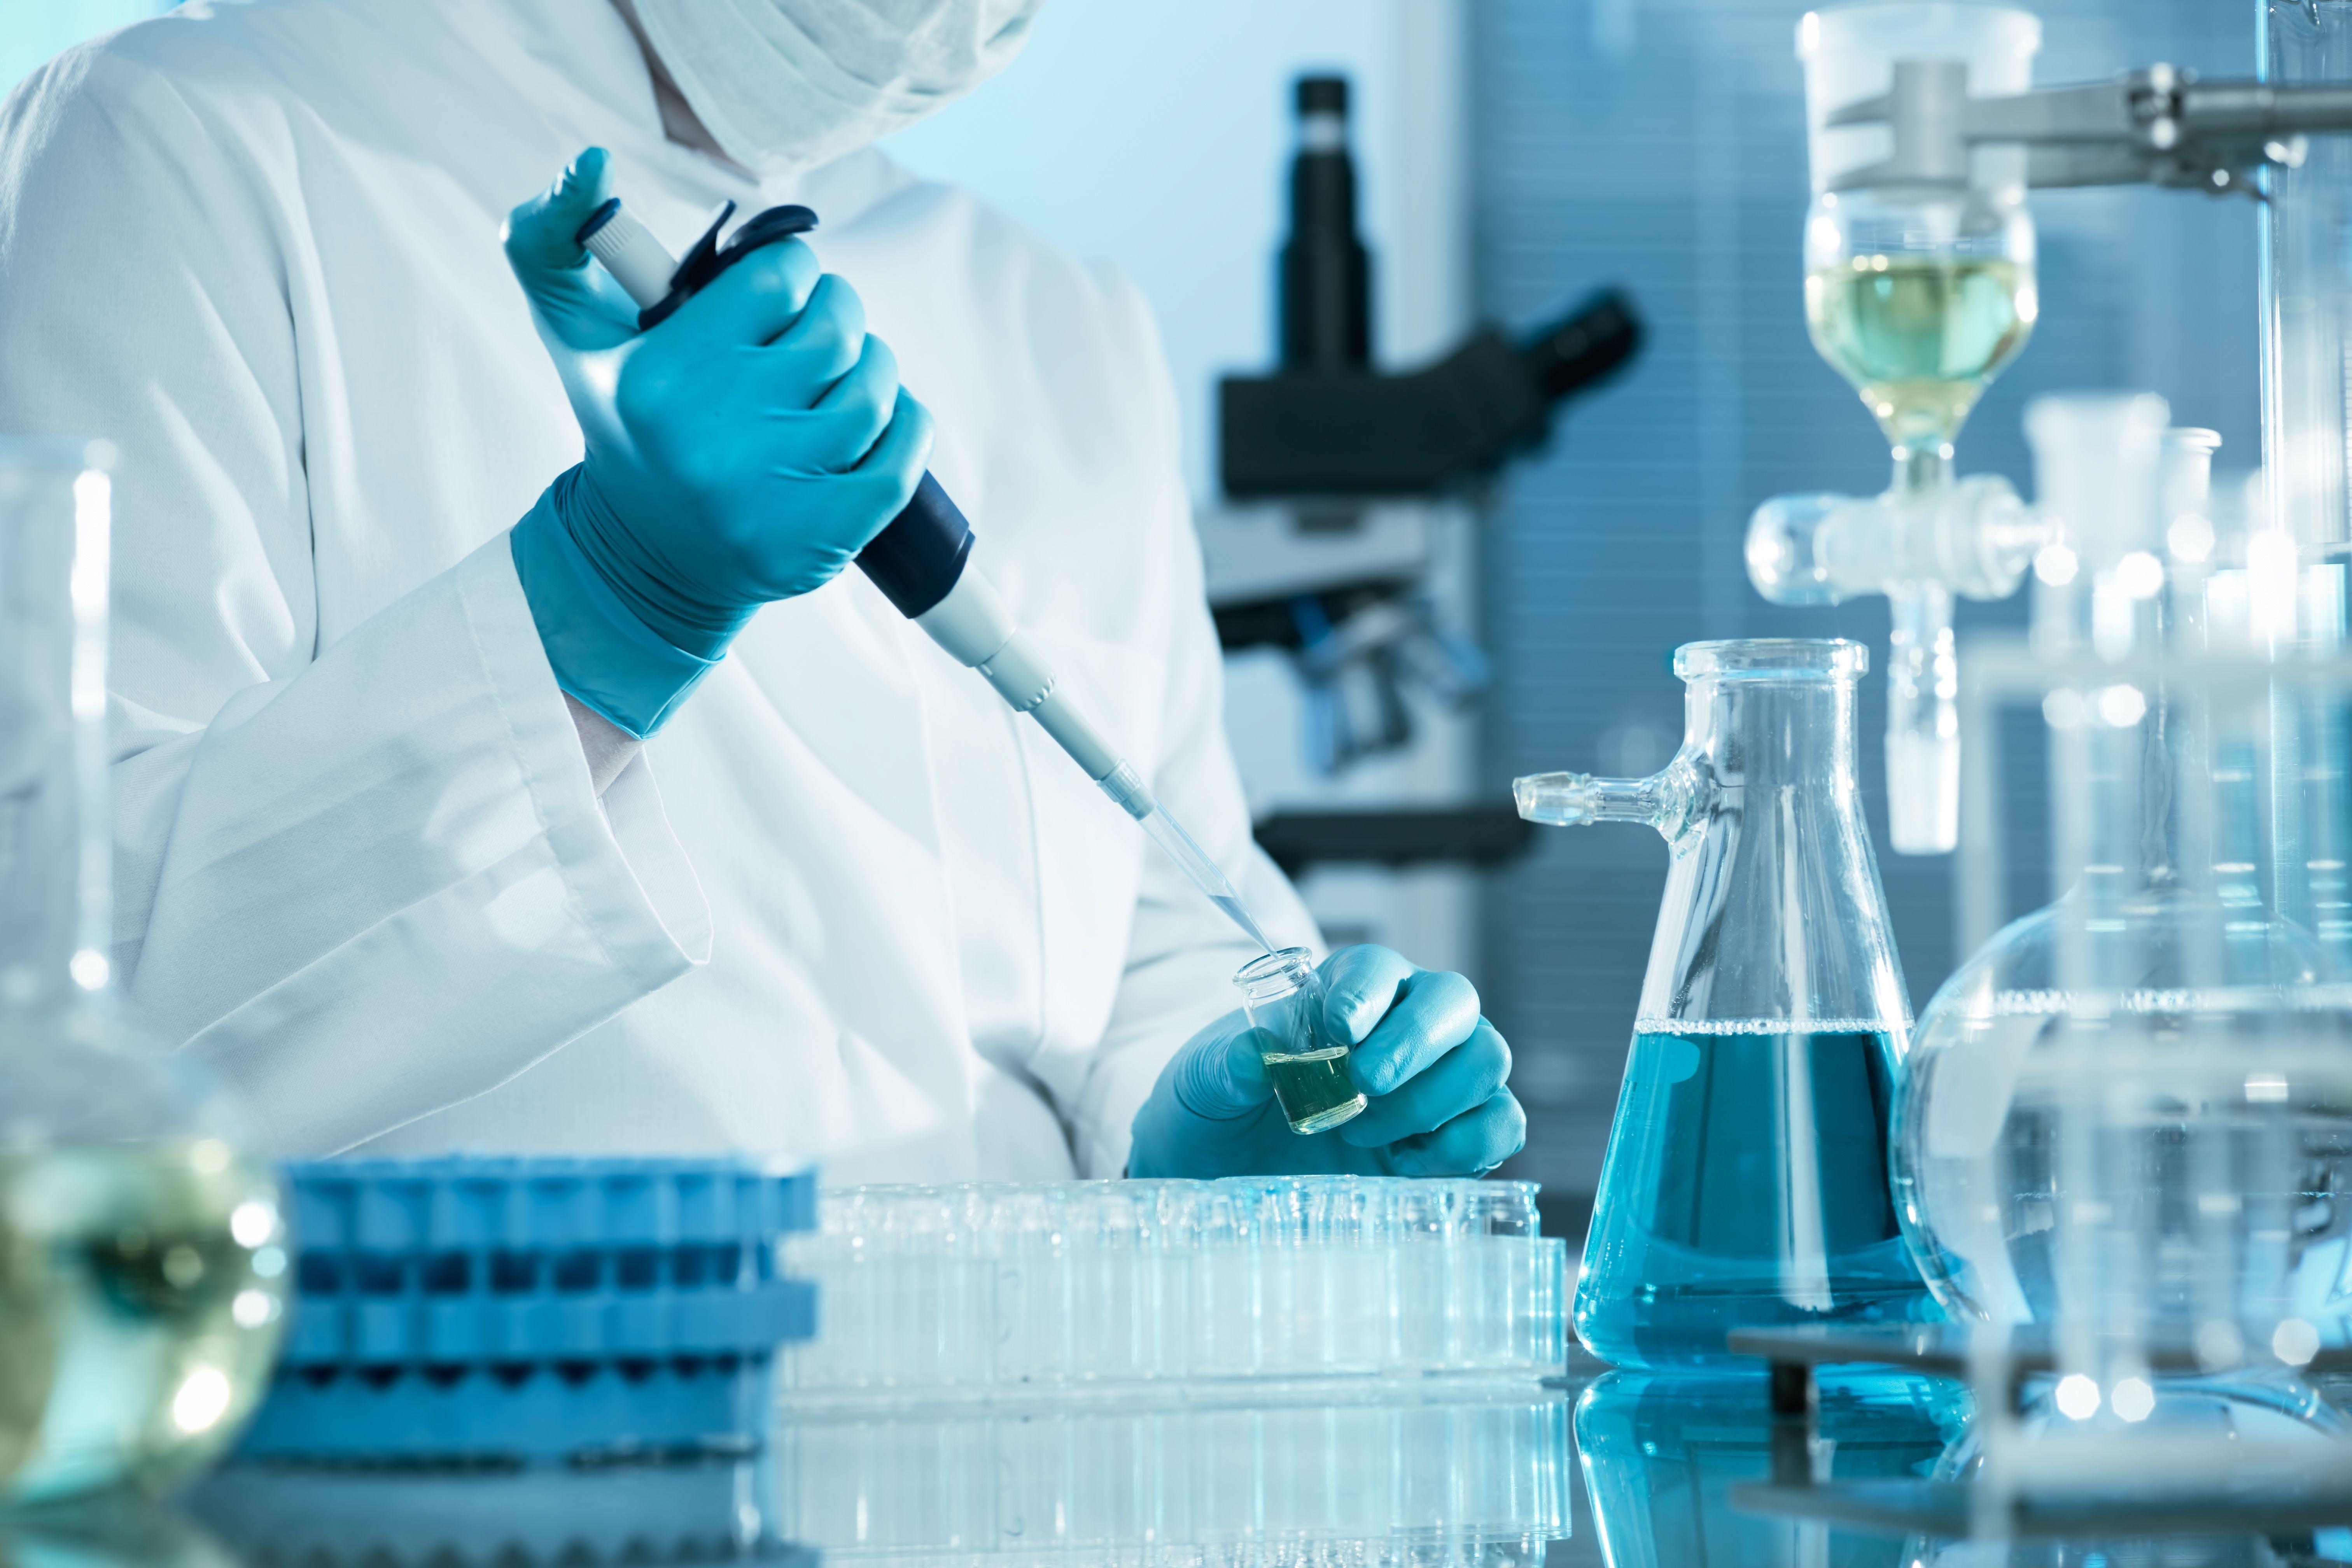 Лучшие медицинские лаборатории анализов Челябинска в 2020 году